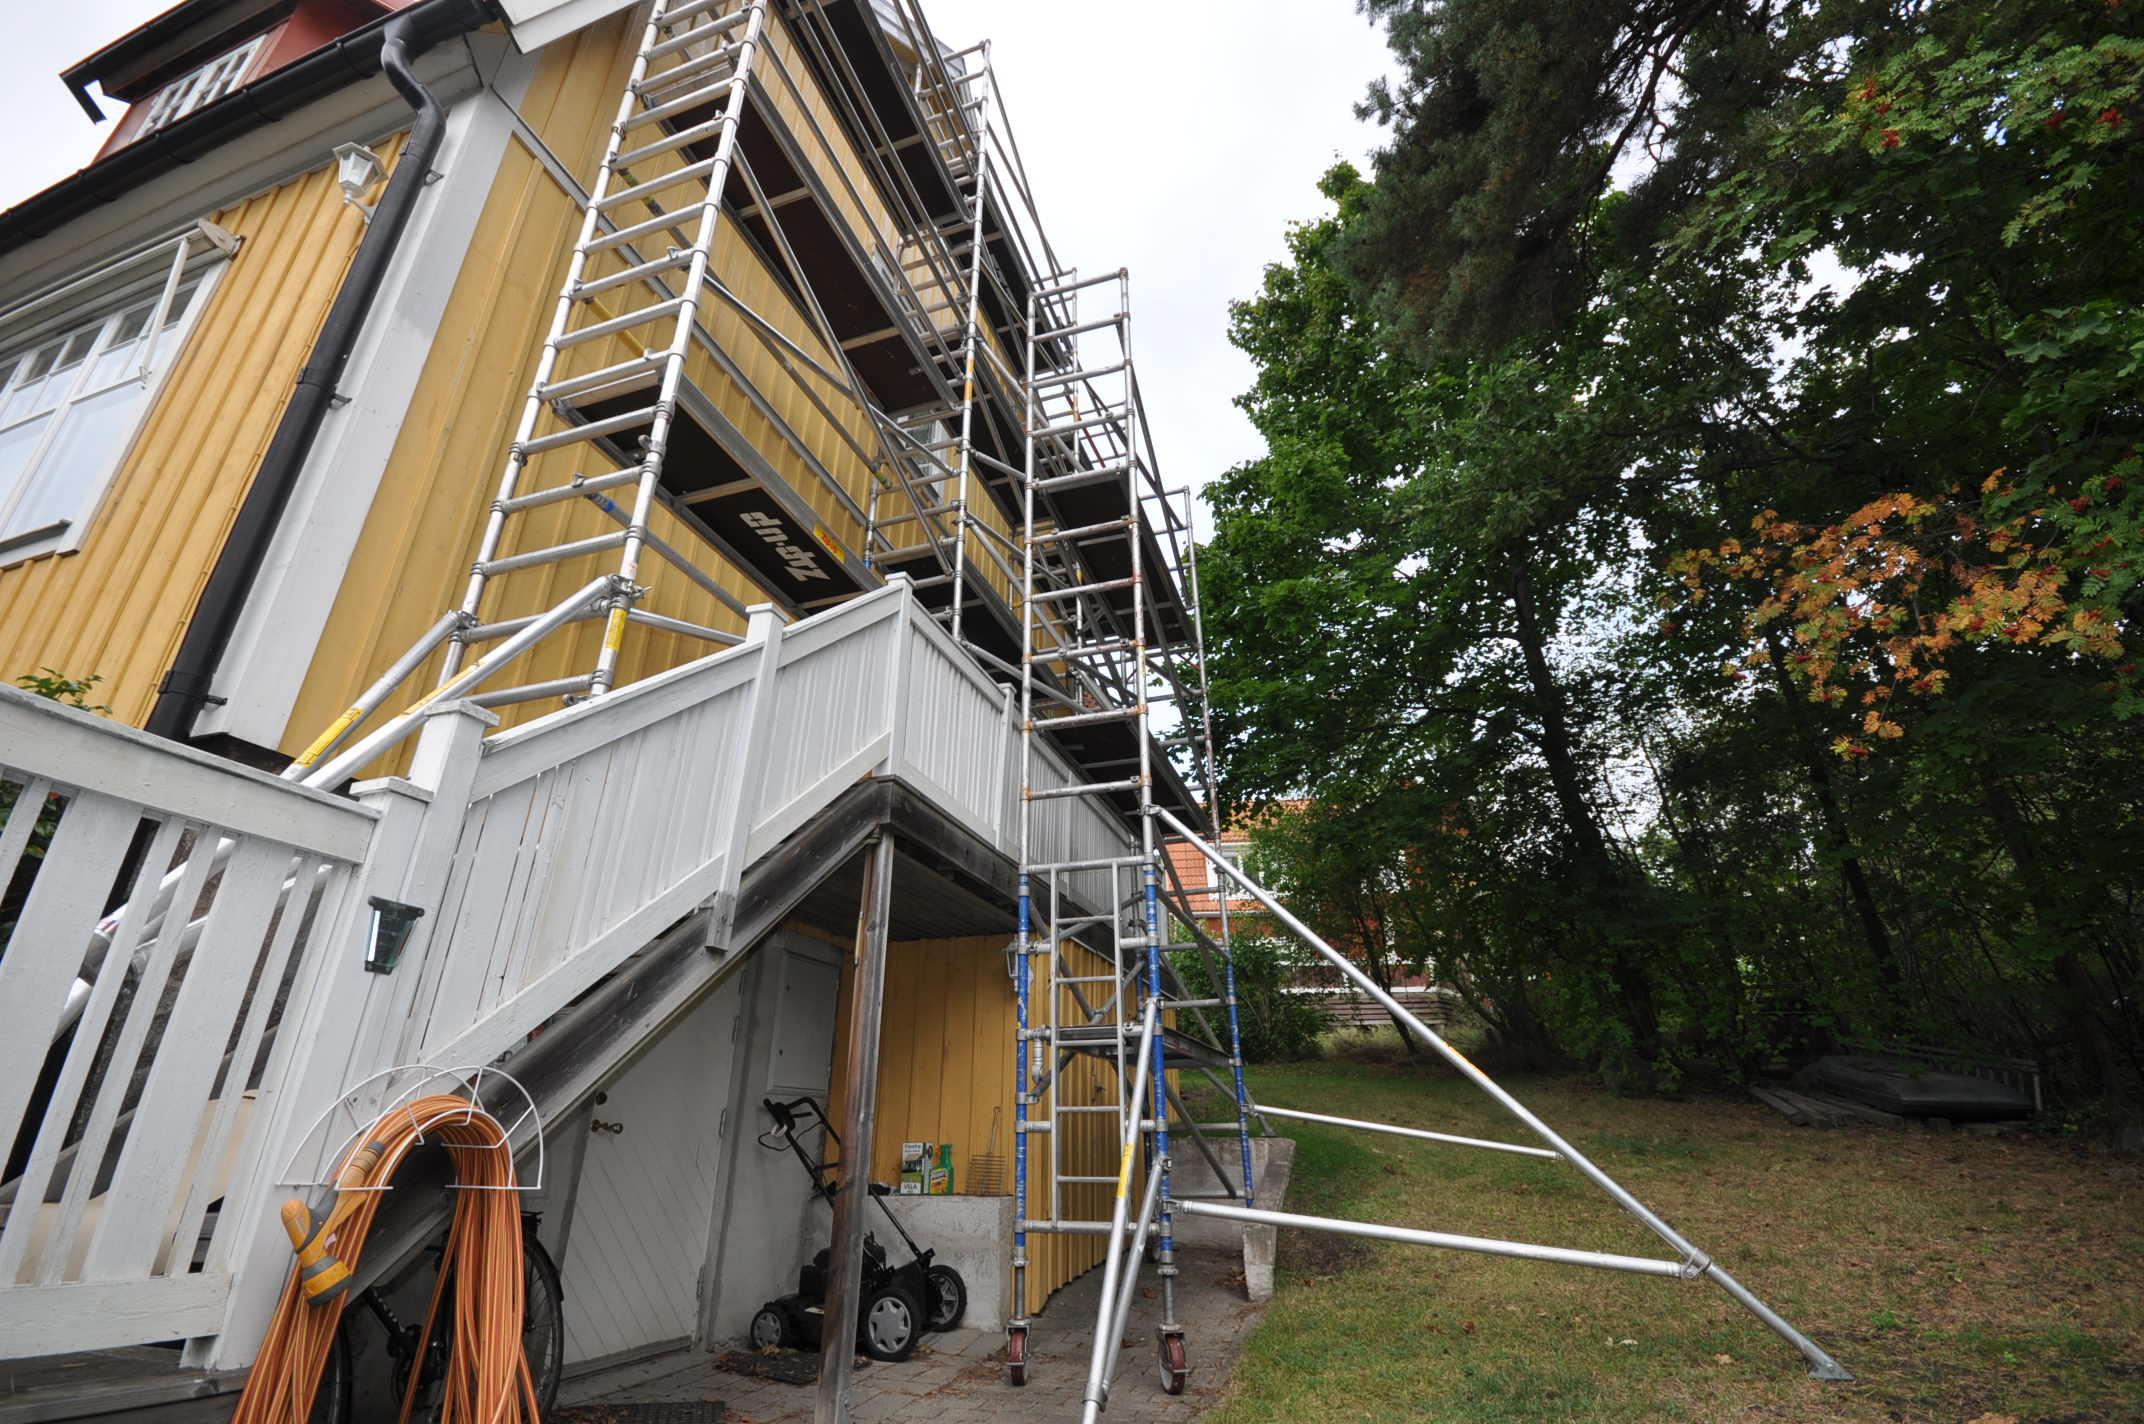 Hyr byggställning Stockholm (9)